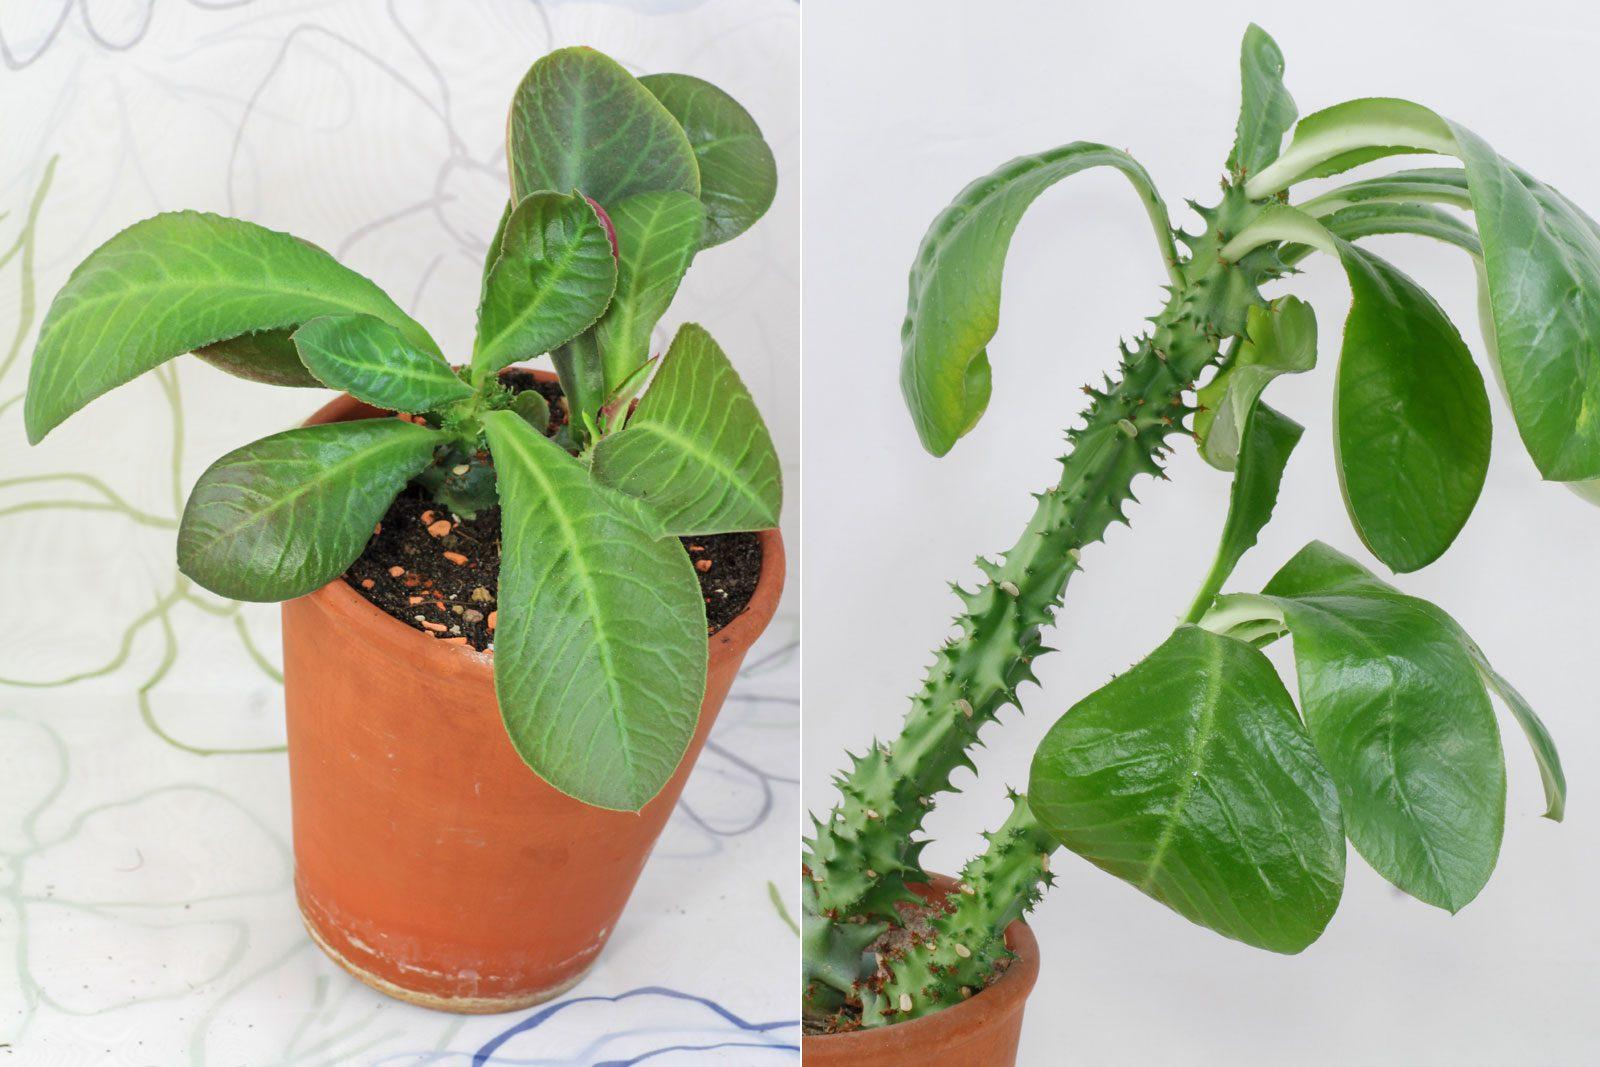 Euphorbia magnifica